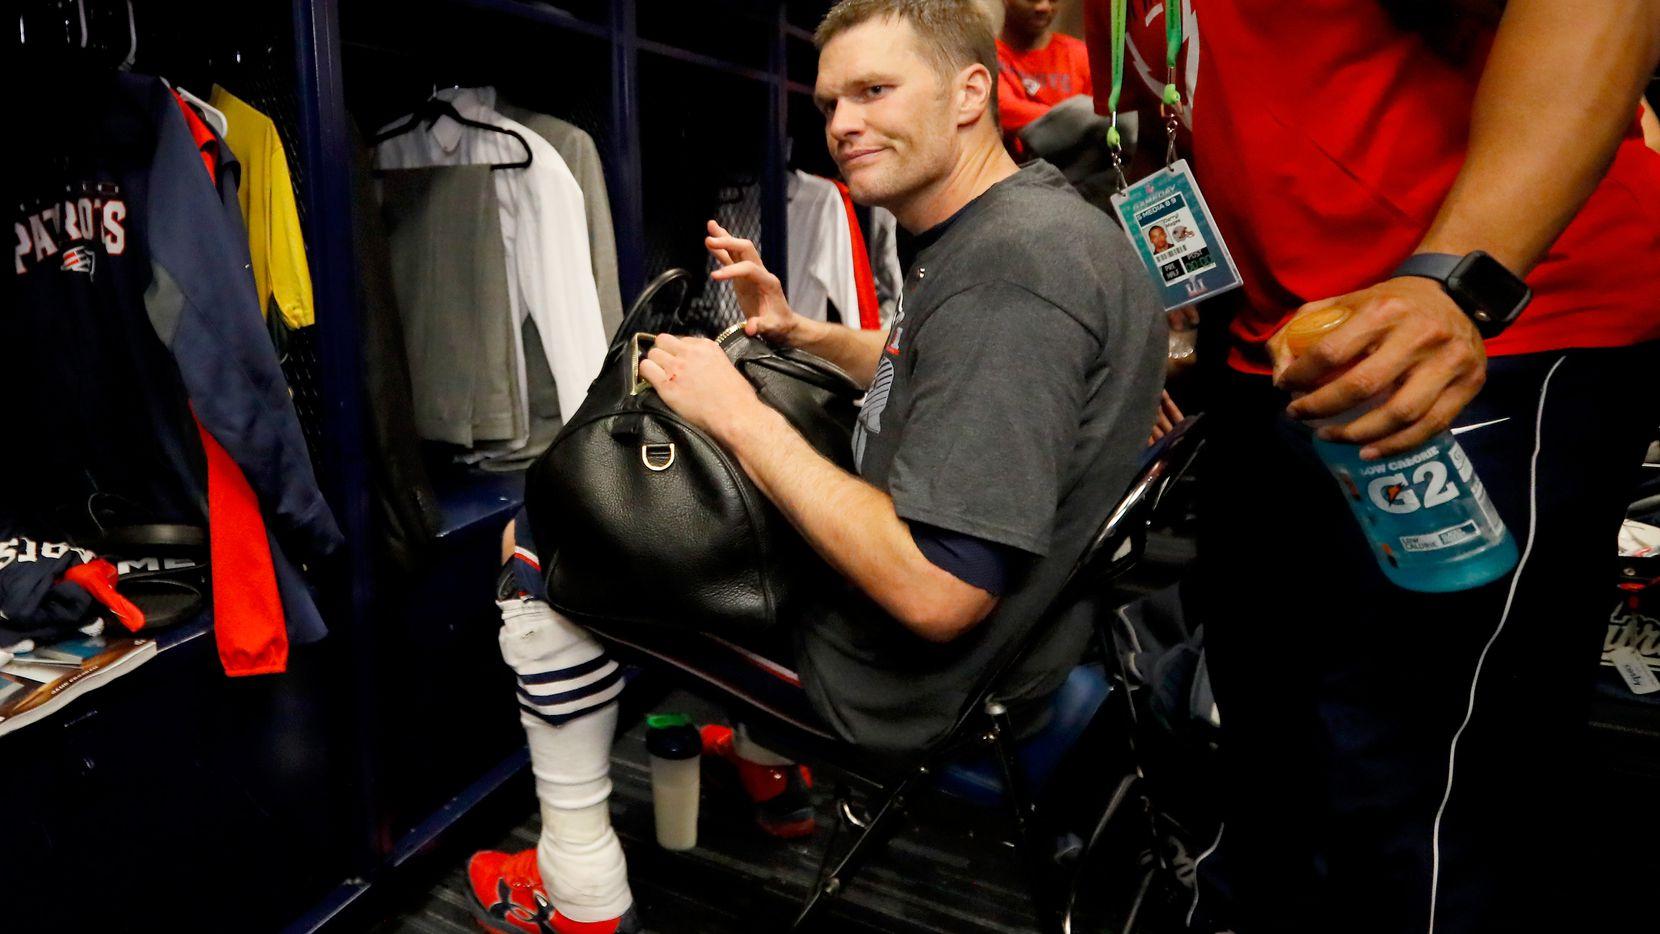 Tom Brady empacó sus maletas para dejar a los Patriots de Nueva Inglaterra y llegar a los Buccaneers de Tampa Bay